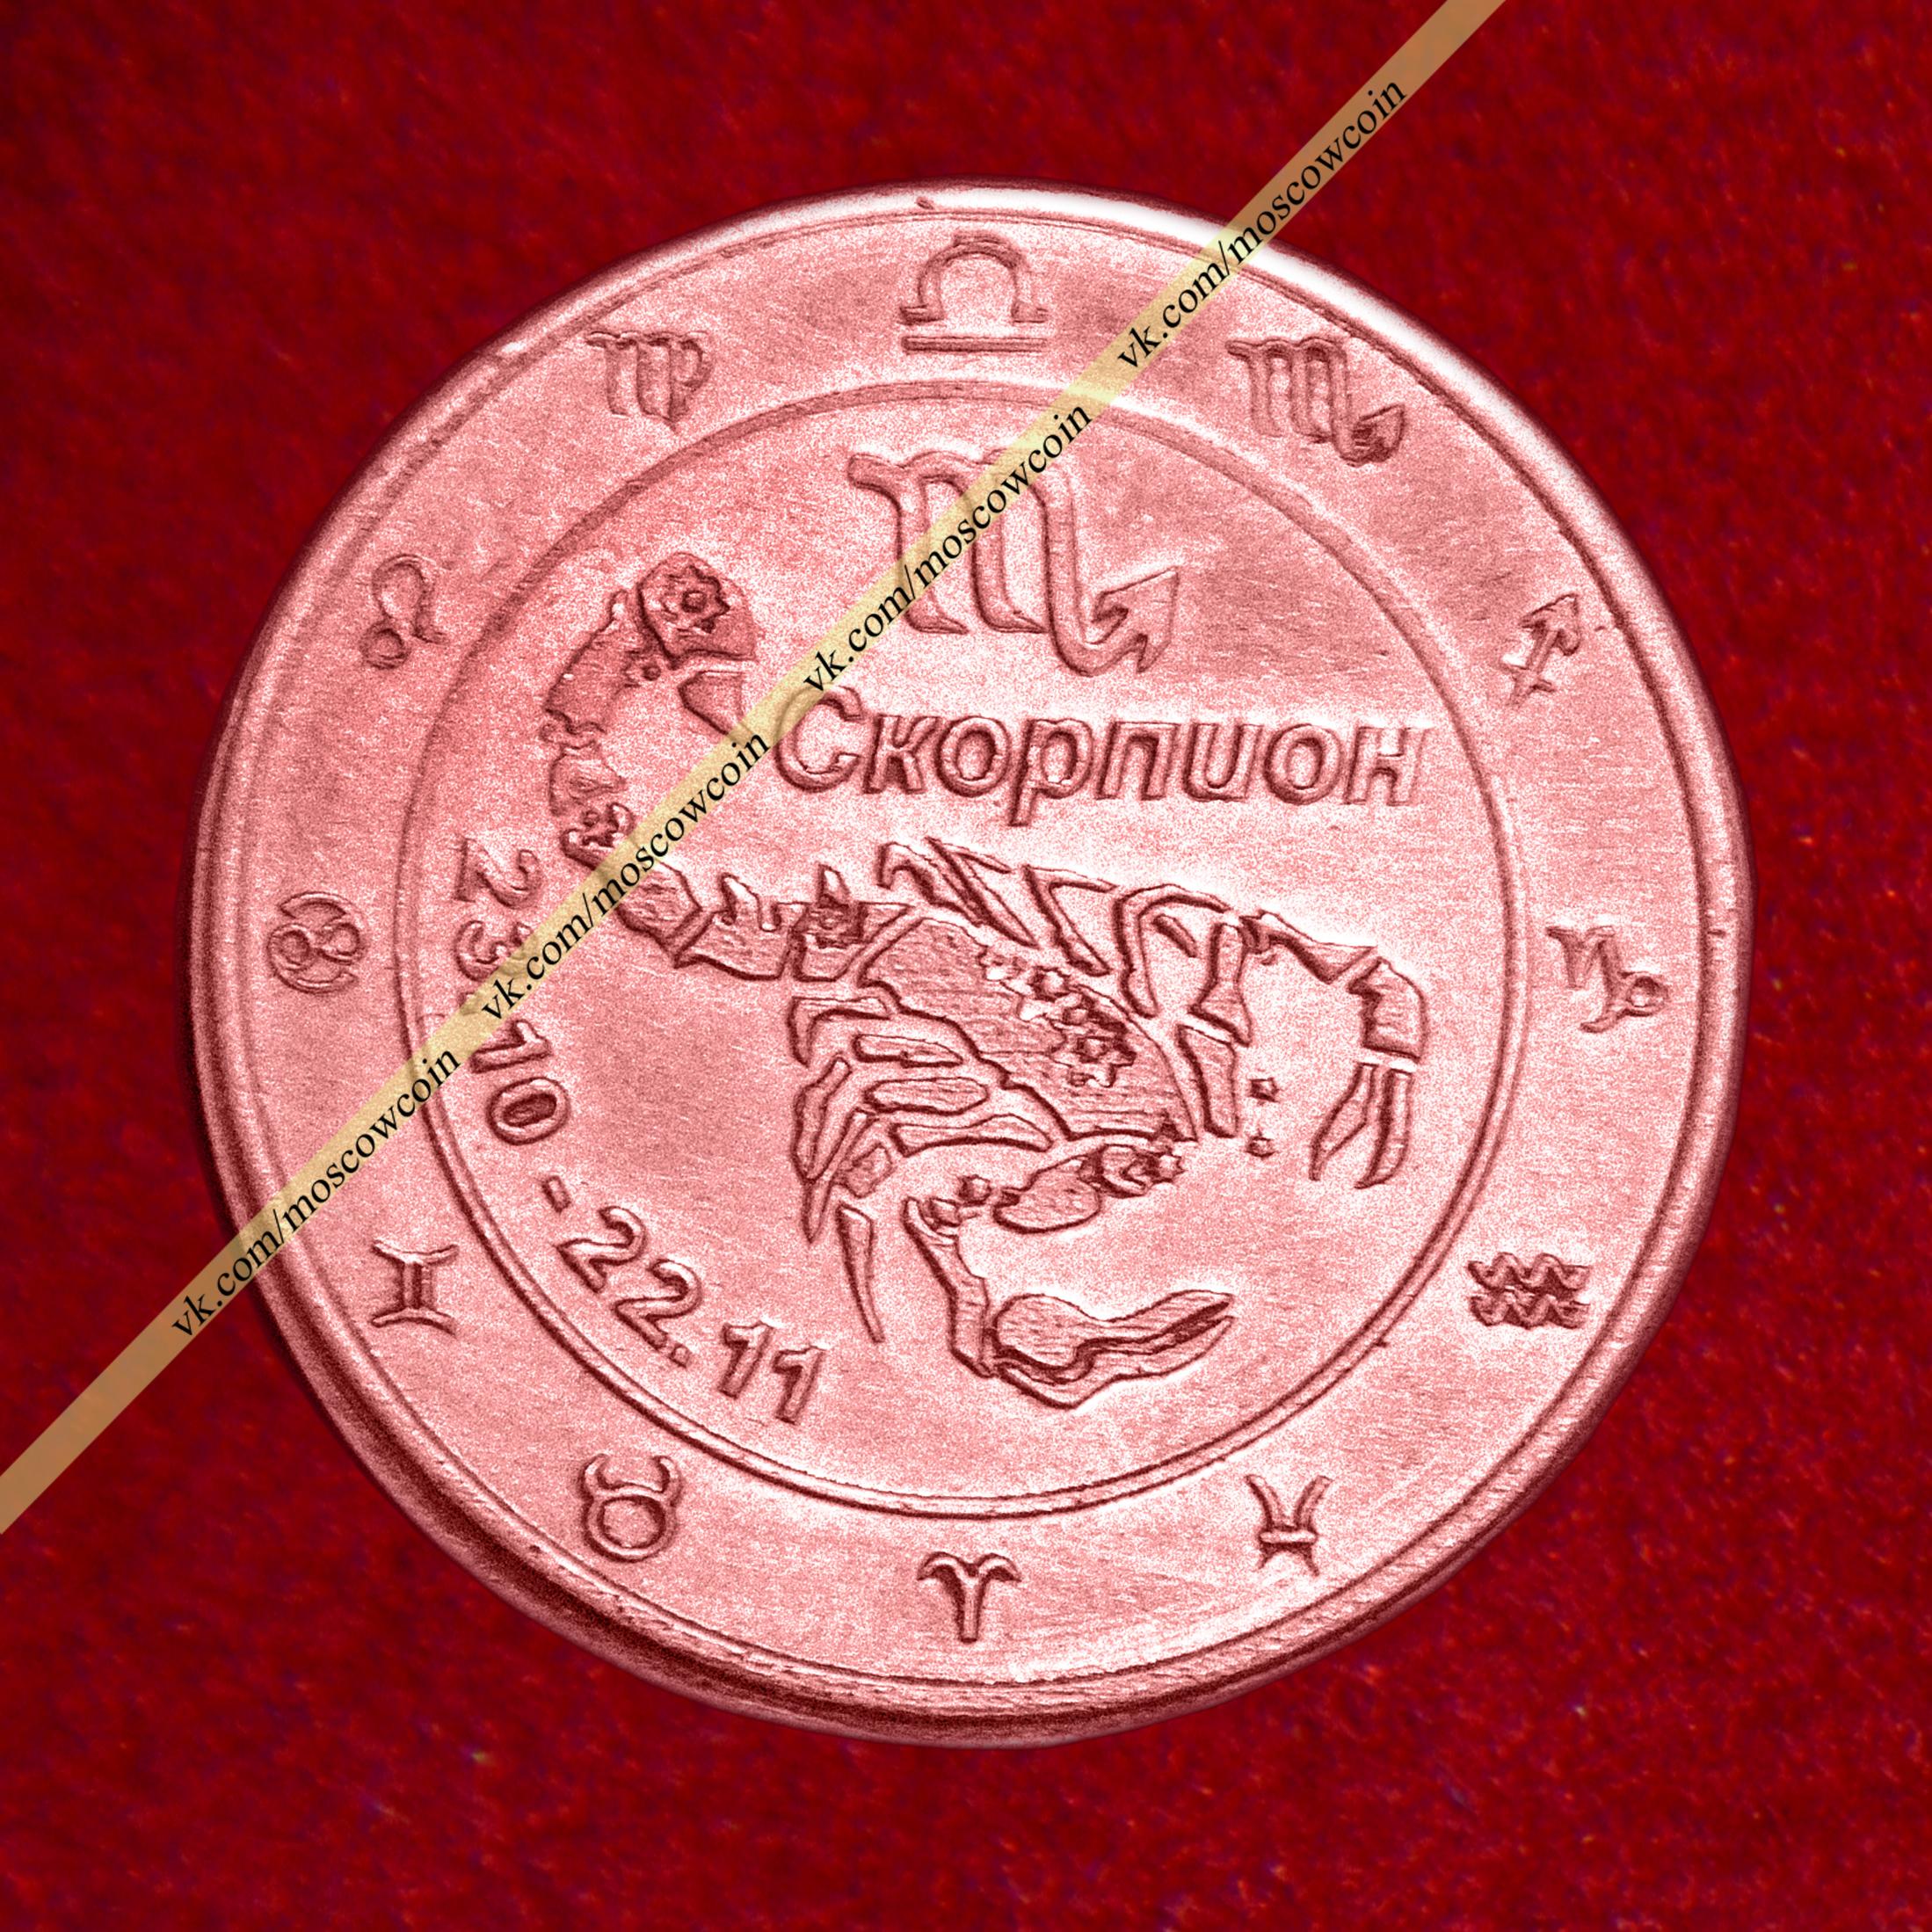 8 Скорпион М.jpg